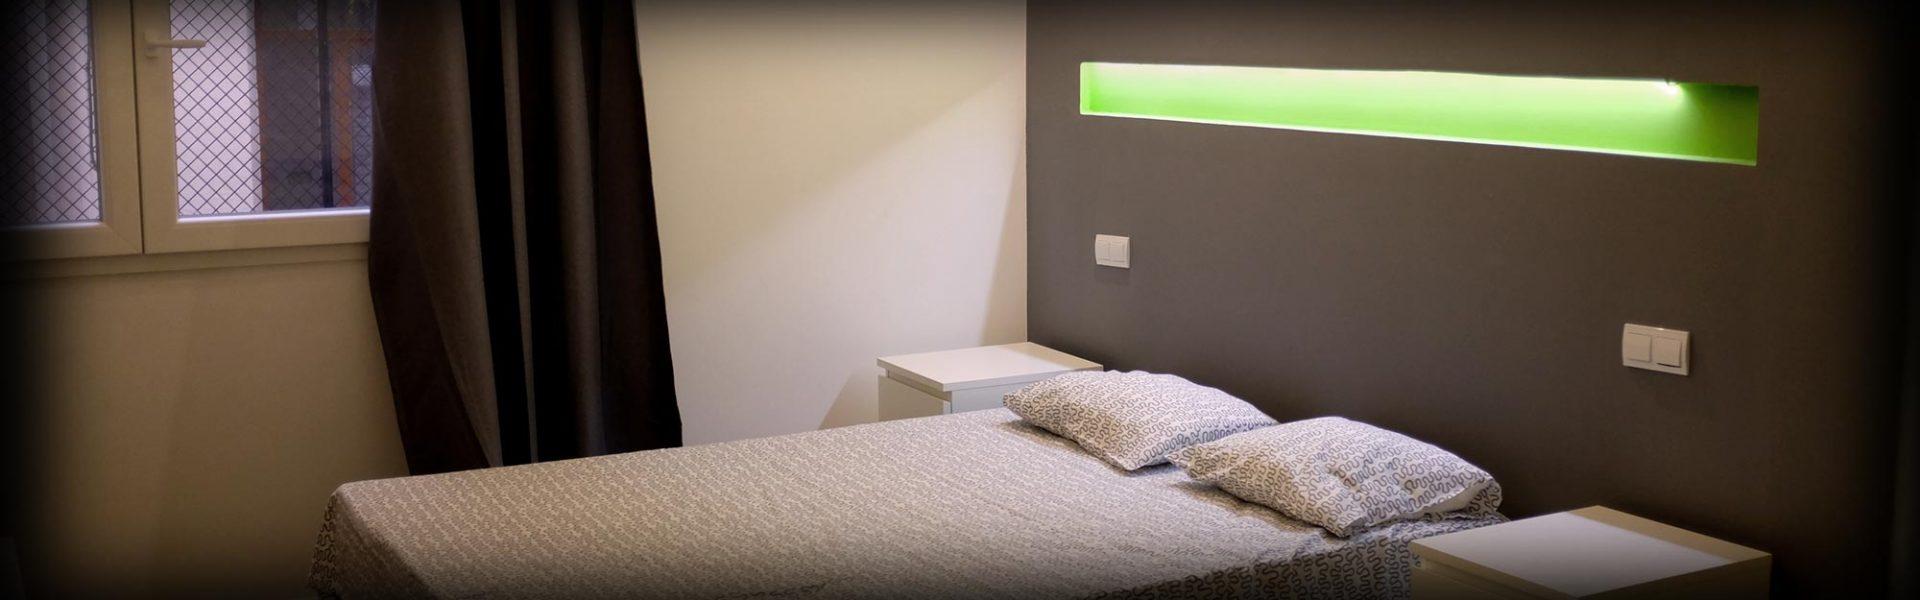 Contacto apartamentos galileo alquiler de apartamentos por meses madrid espa a - Alquiler apartamentos por meses madrid ...